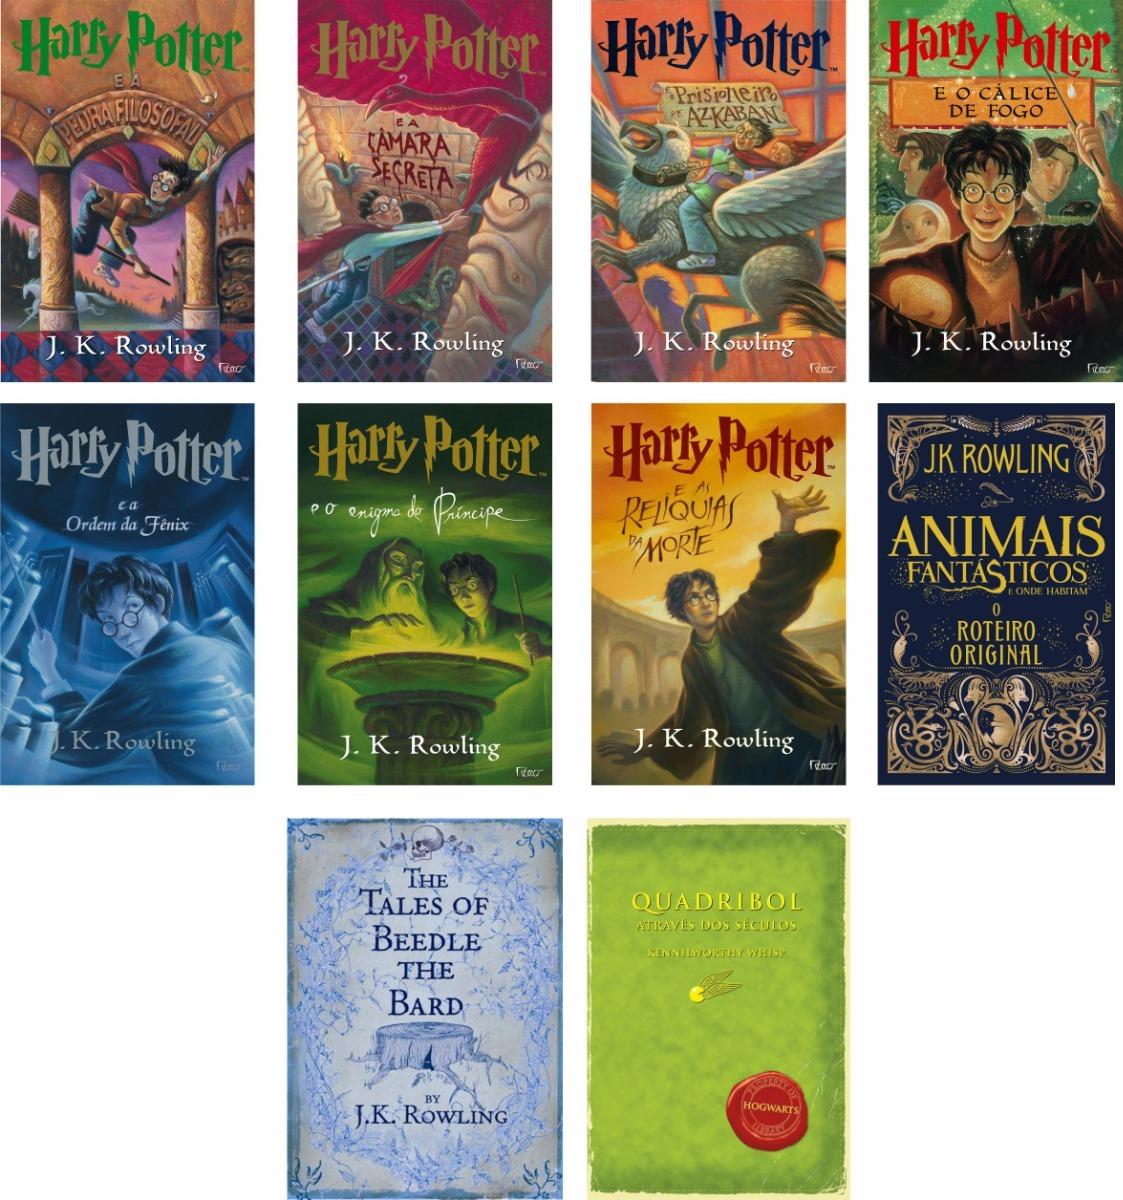 Harry Potter E O Calice De Fogo Livro Pdf